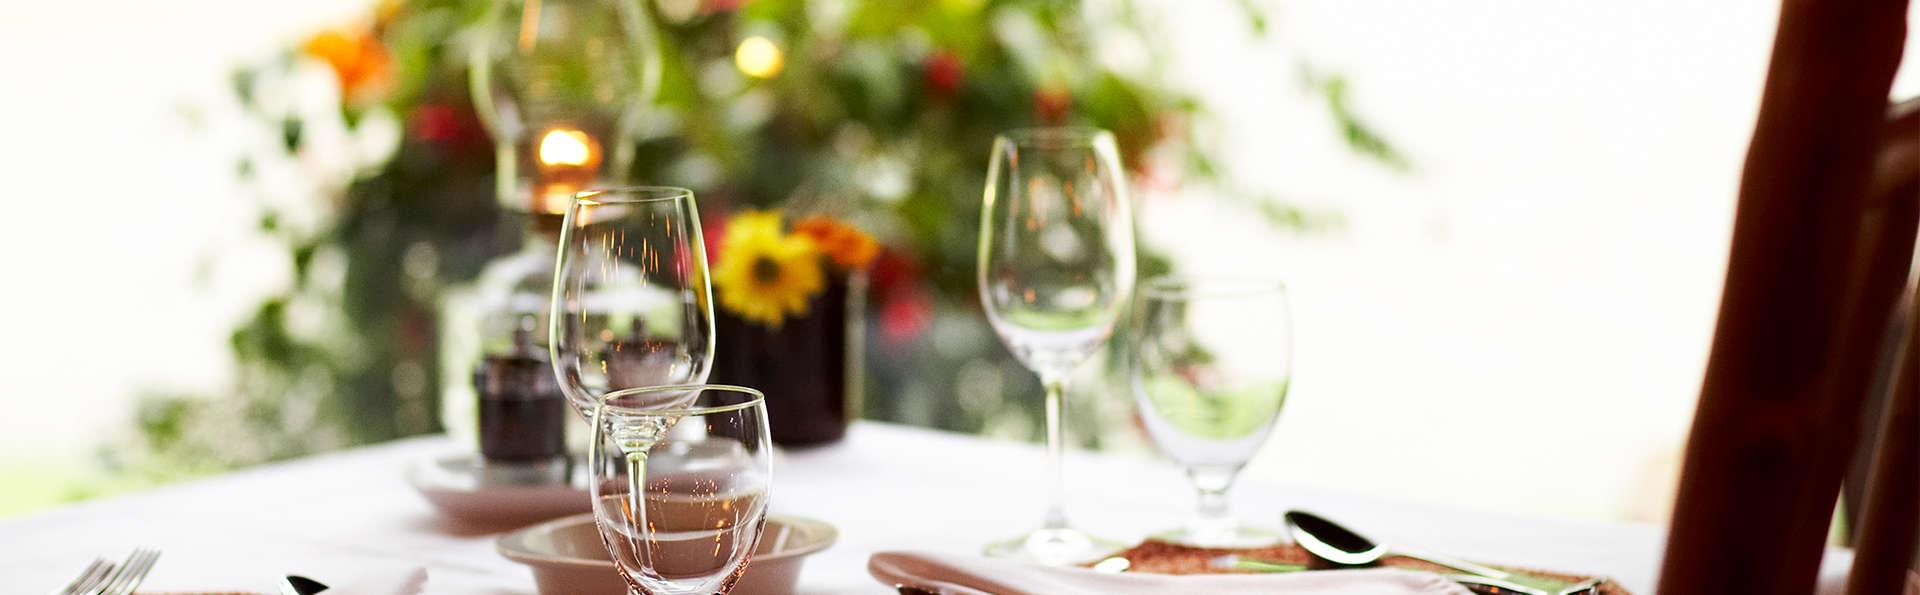 Gastronomie avec dîner et dégustation de vin à Chinon